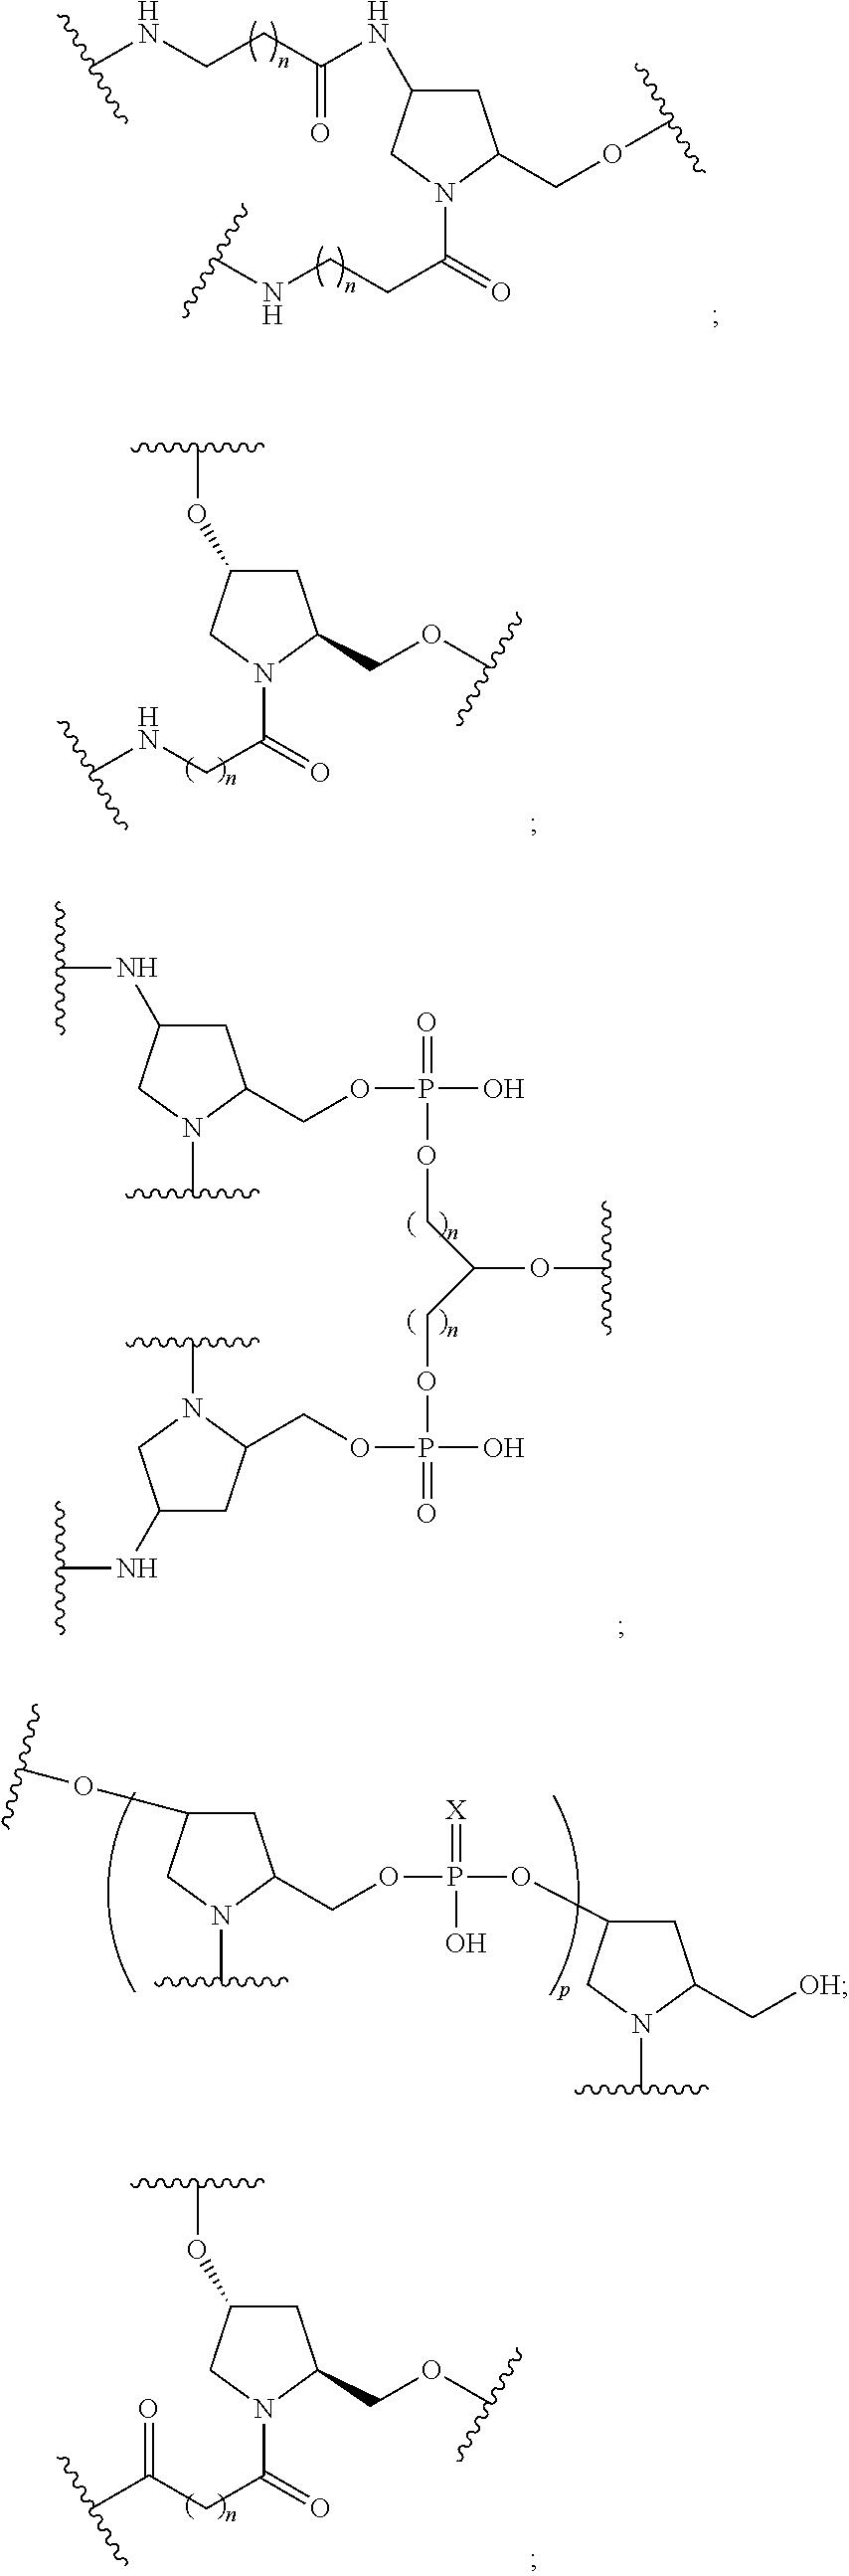 Figure US09957504-20180501-C00139